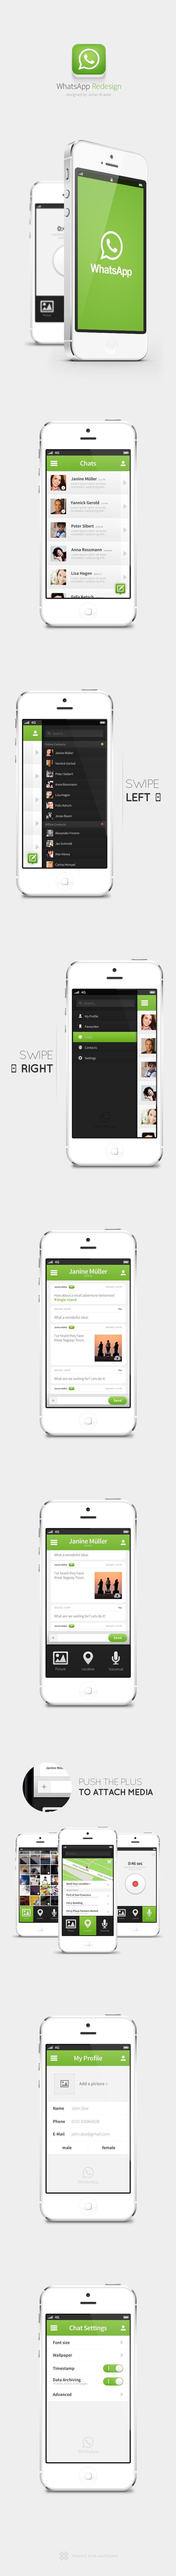 Amazing WhatsApp Redesign By Julian Kraske - Design Suck